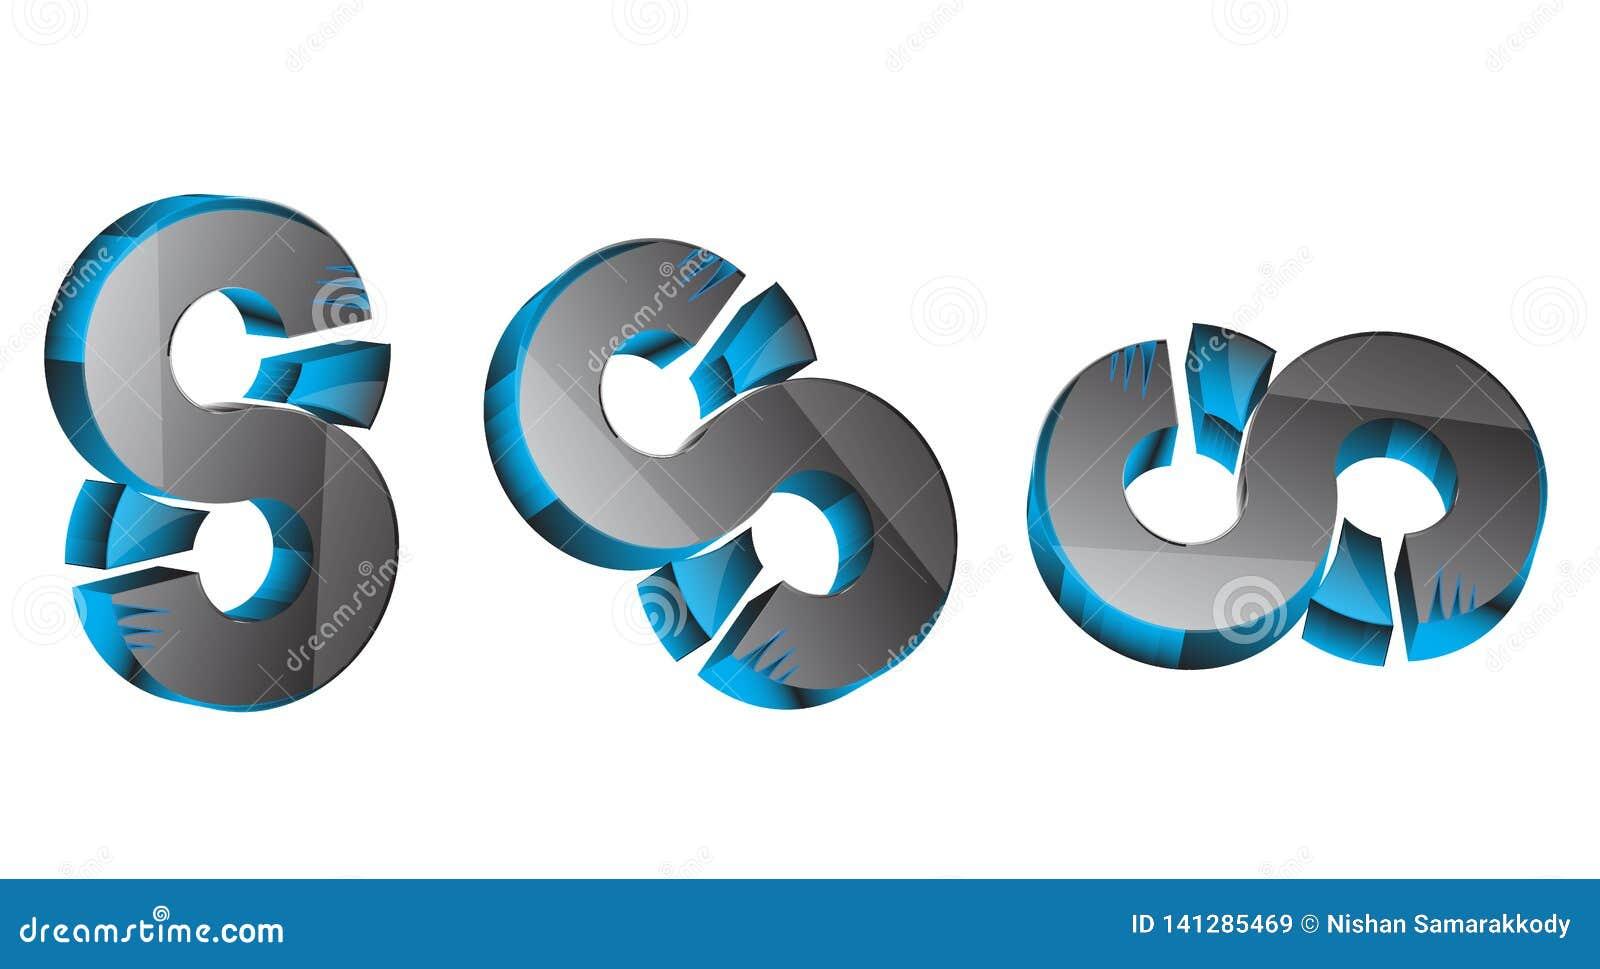 τρισδιάστατος τρισδιάστατα 8 το τρισδιάστατο S Αριθμός 8 τρισδιάστατο μπλε & γκρίζο χρώμα 8 μαύρος, μπλε & γκρίζος sss καλύτερος